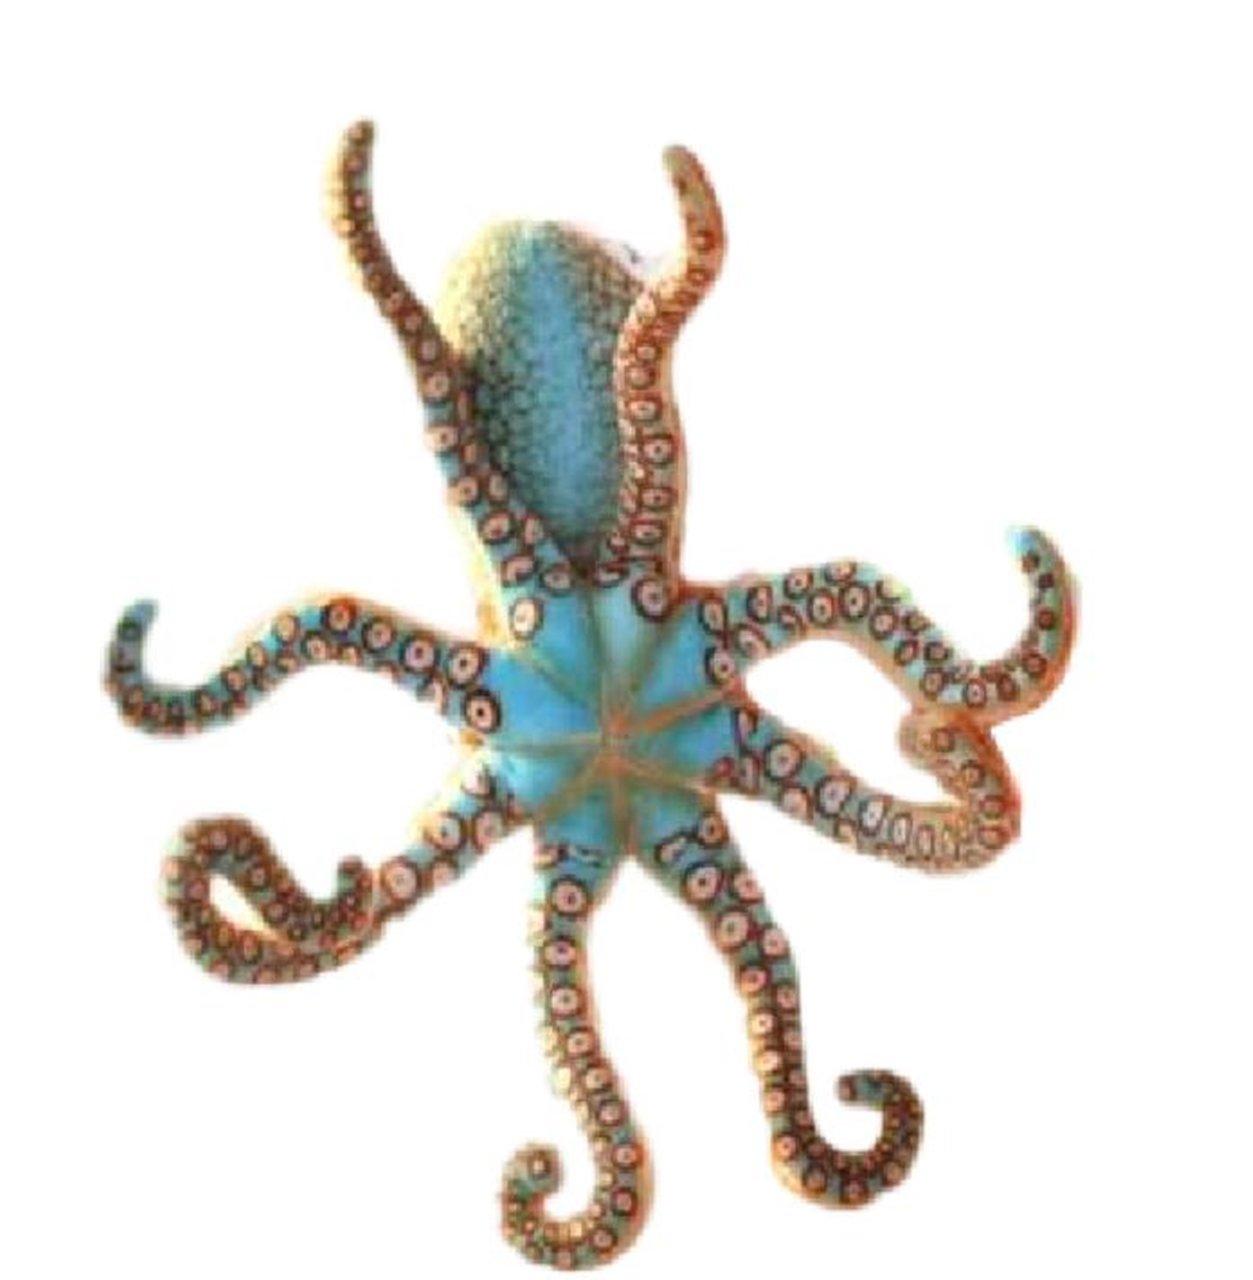 15.7 15.7 1PC Glasshe Soft Plush Toy Realistic Stuffed Marine Animals Octopus Orange,15.7or 40CM